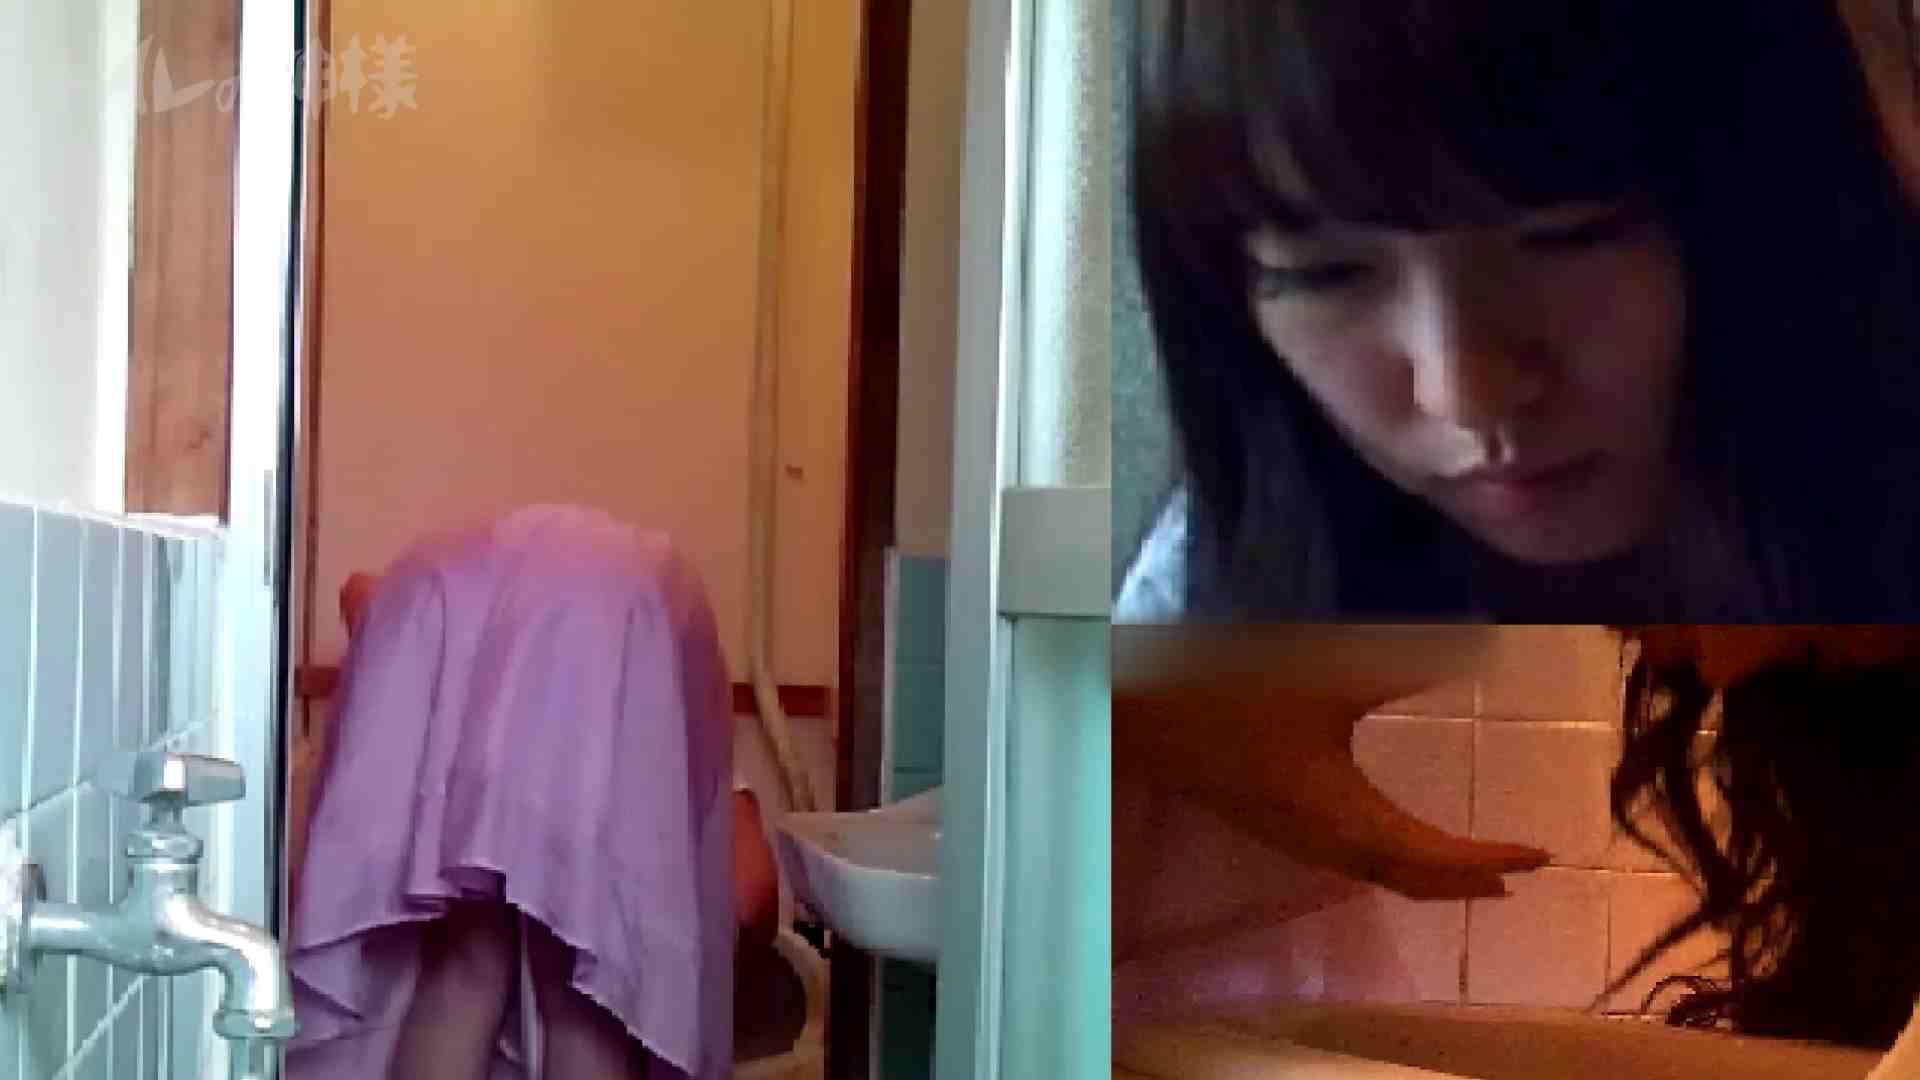 トイレの神様 Vol.09 美女のGEBOきれいに撮っています 洗面所シーン エロ画像 49画像 45